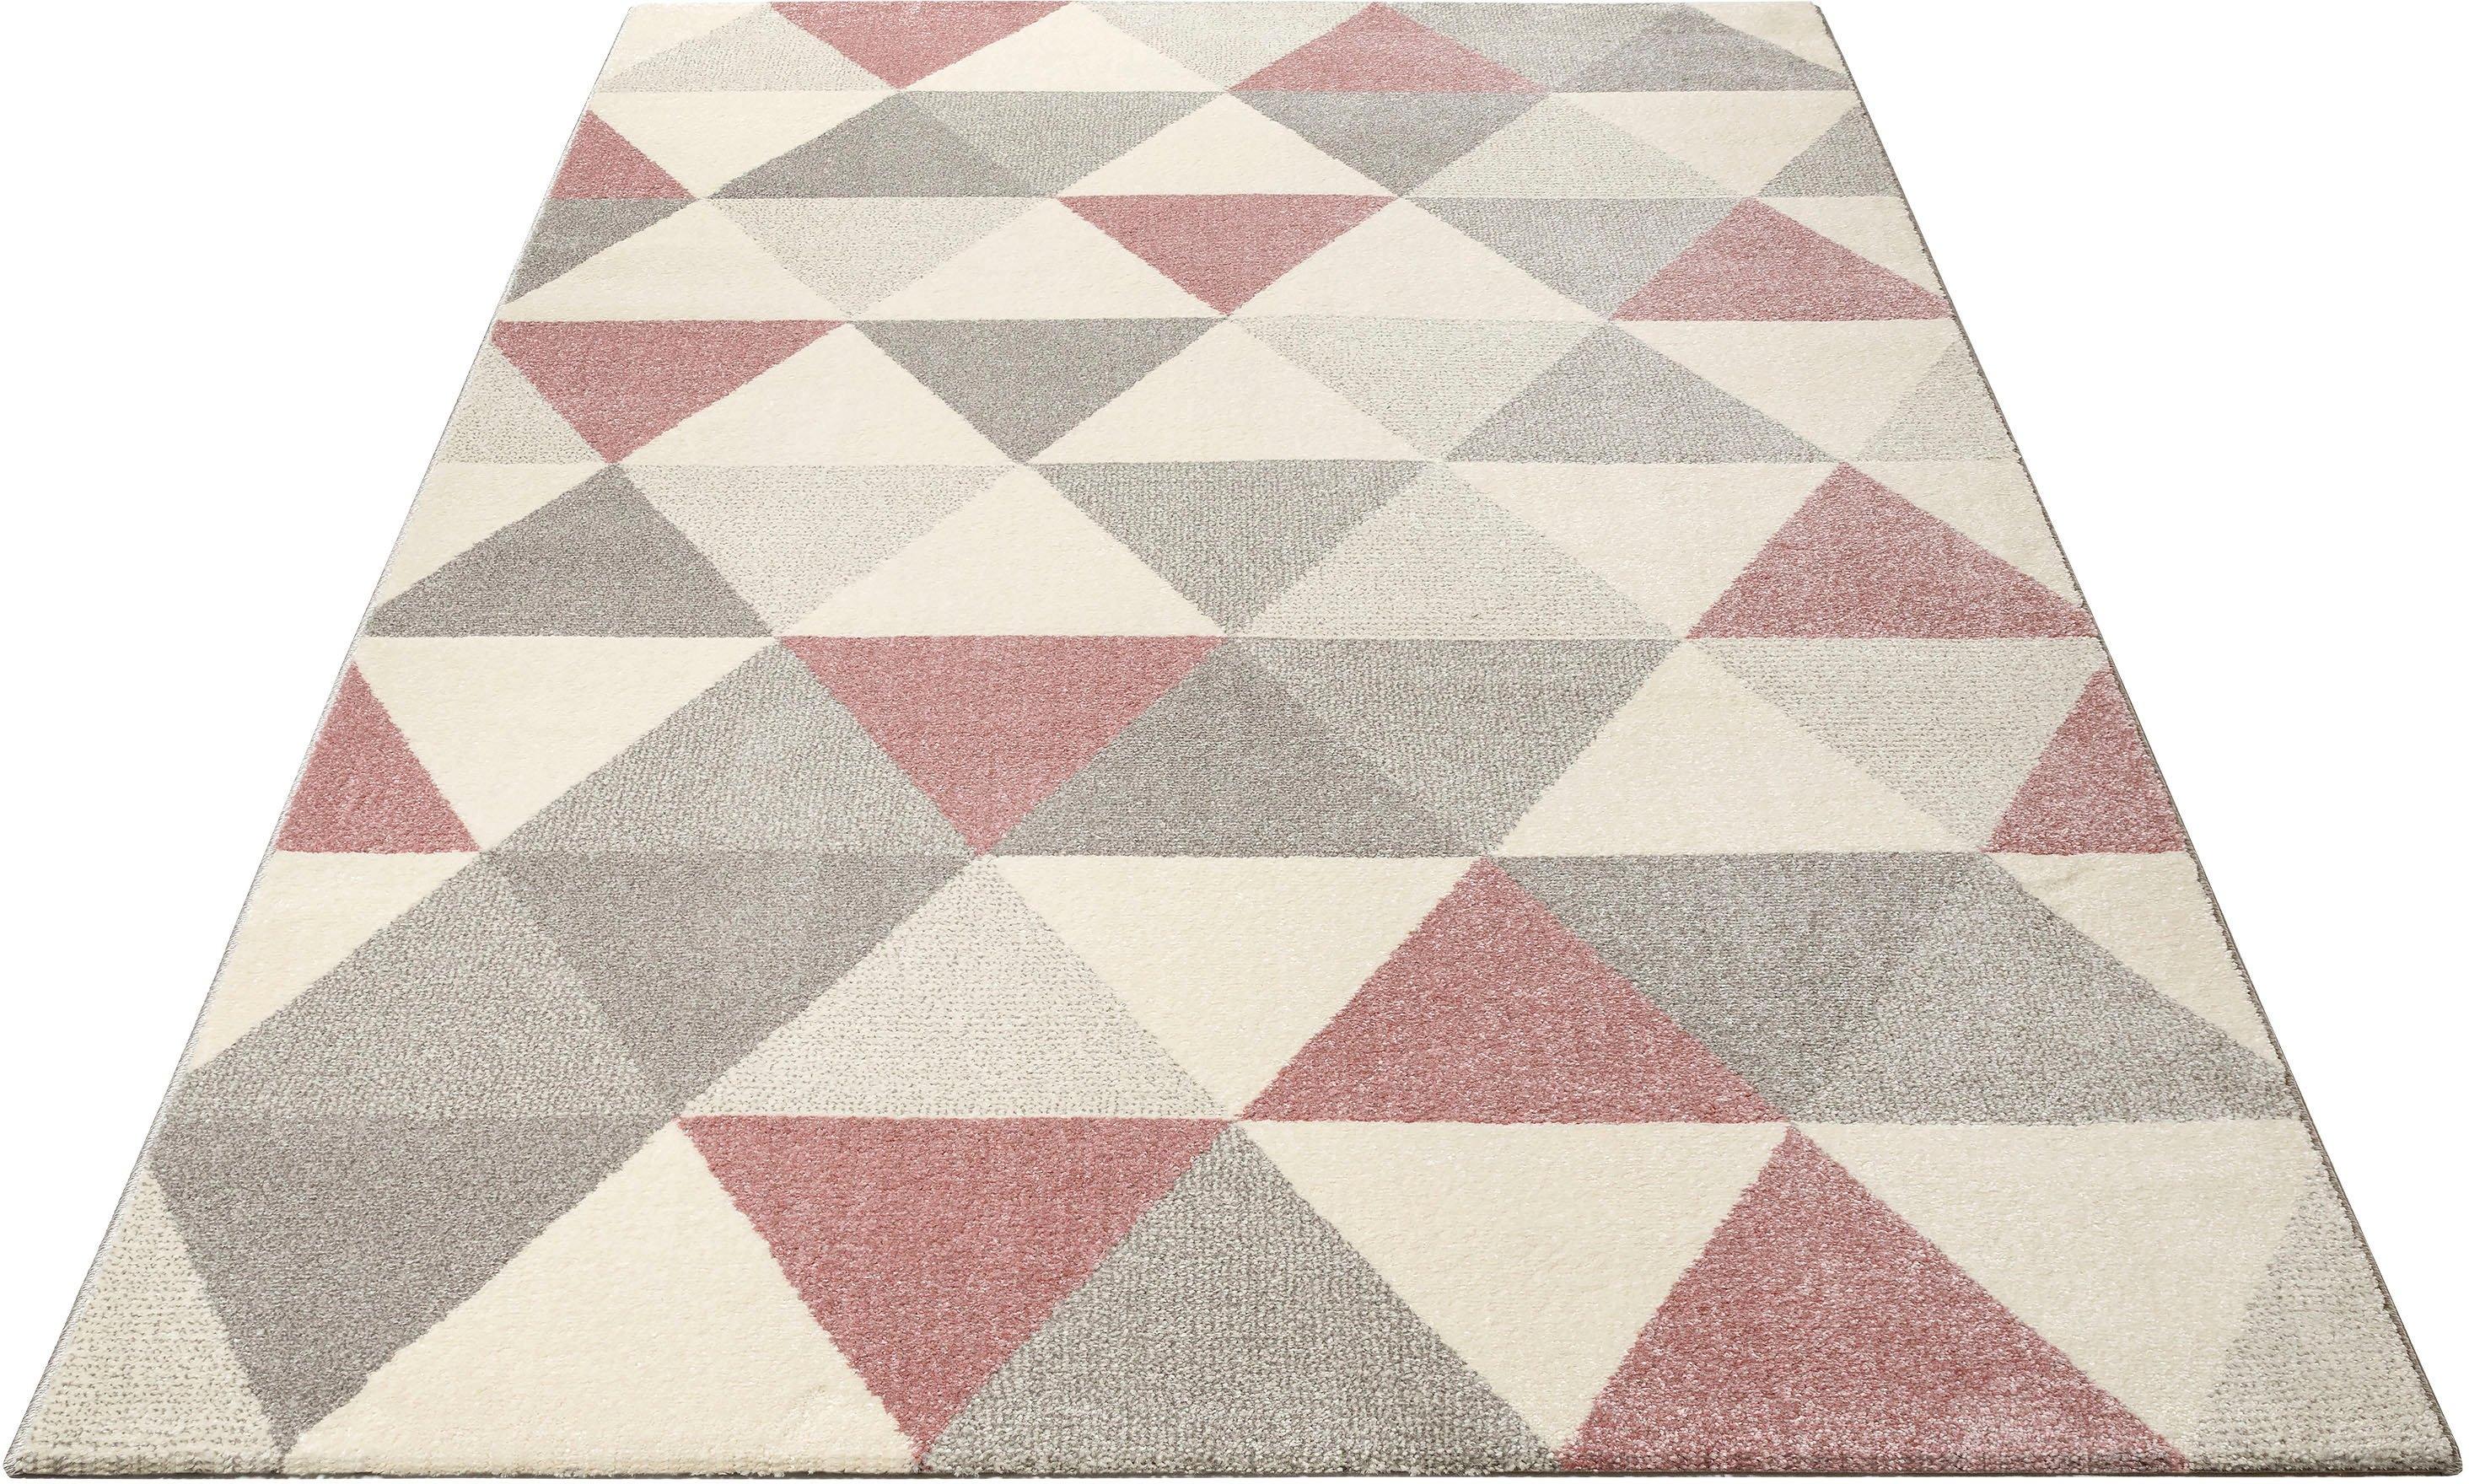 my home Vloerkleed Sarina Modern design, woonkamer nu online bestellen